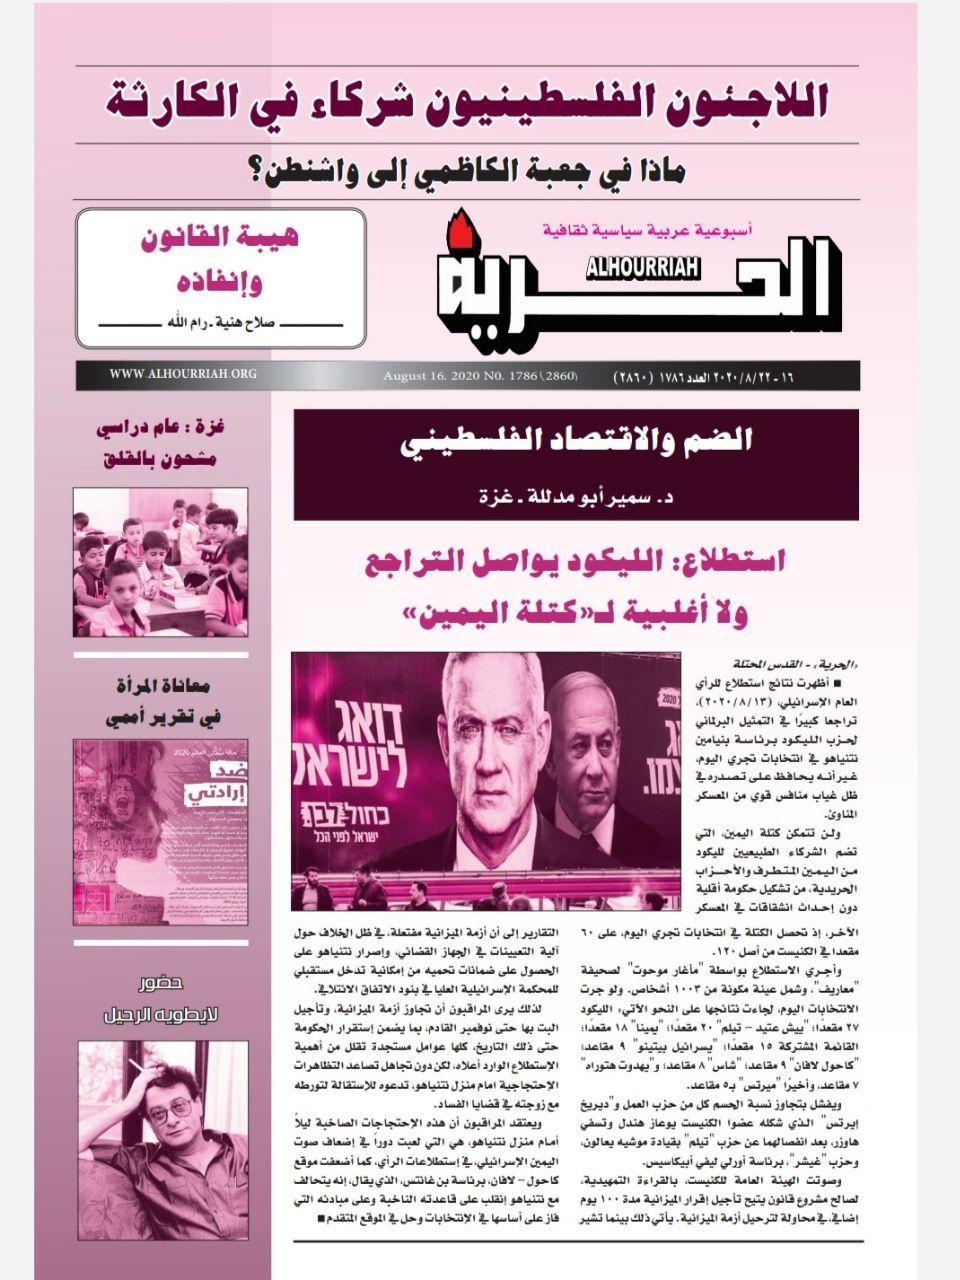 مجلة الحرية الفلسطينية- العدد 1786